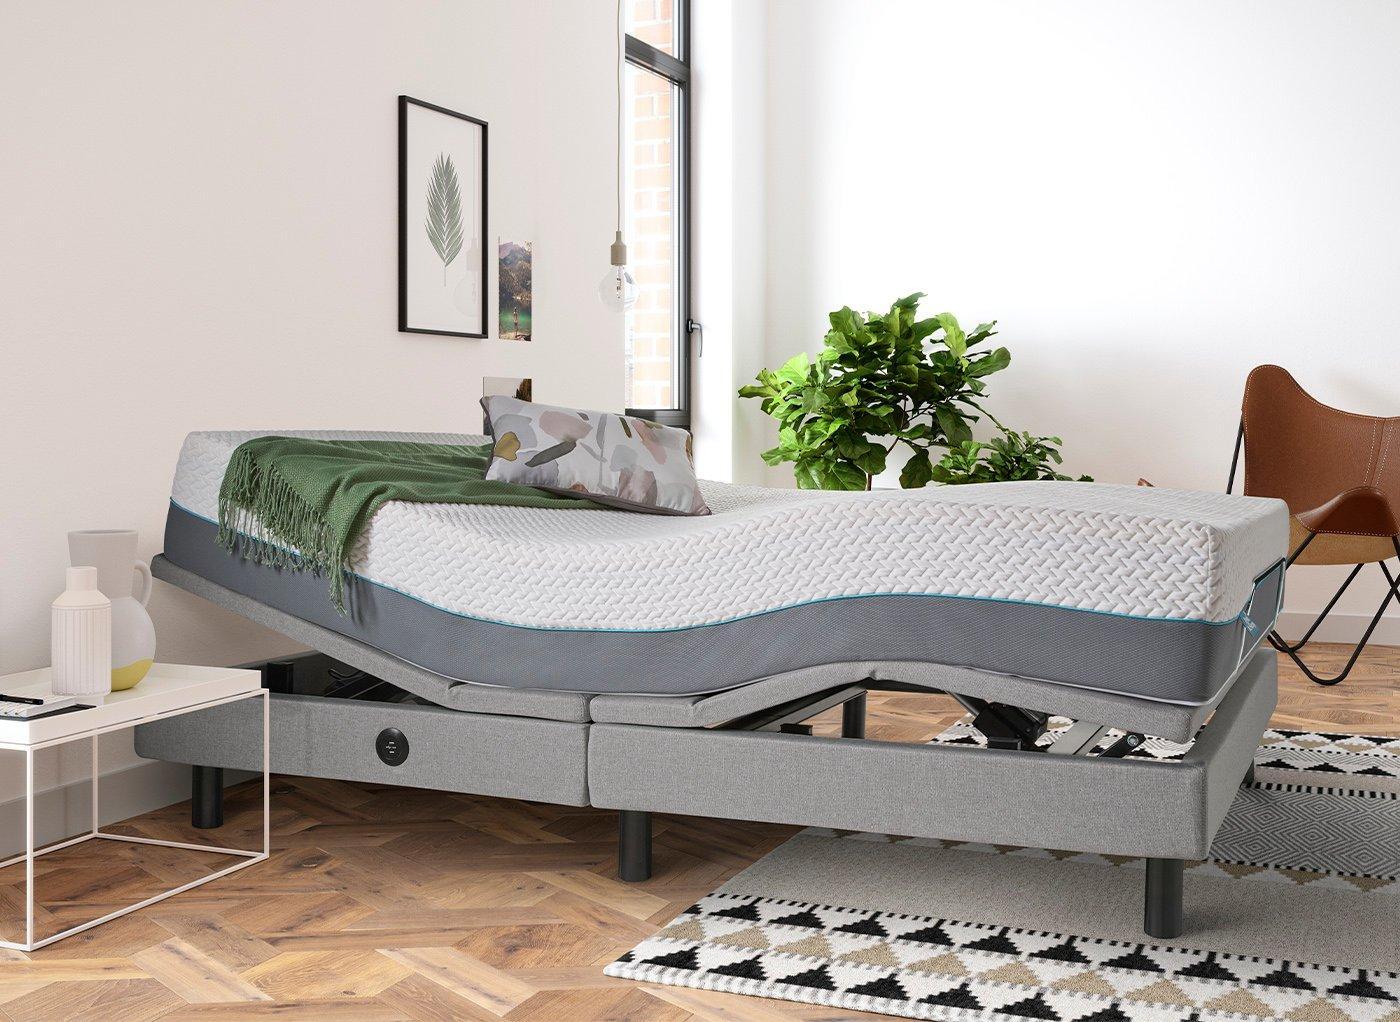 sleepmotion-900i-adjustable-bed-frame